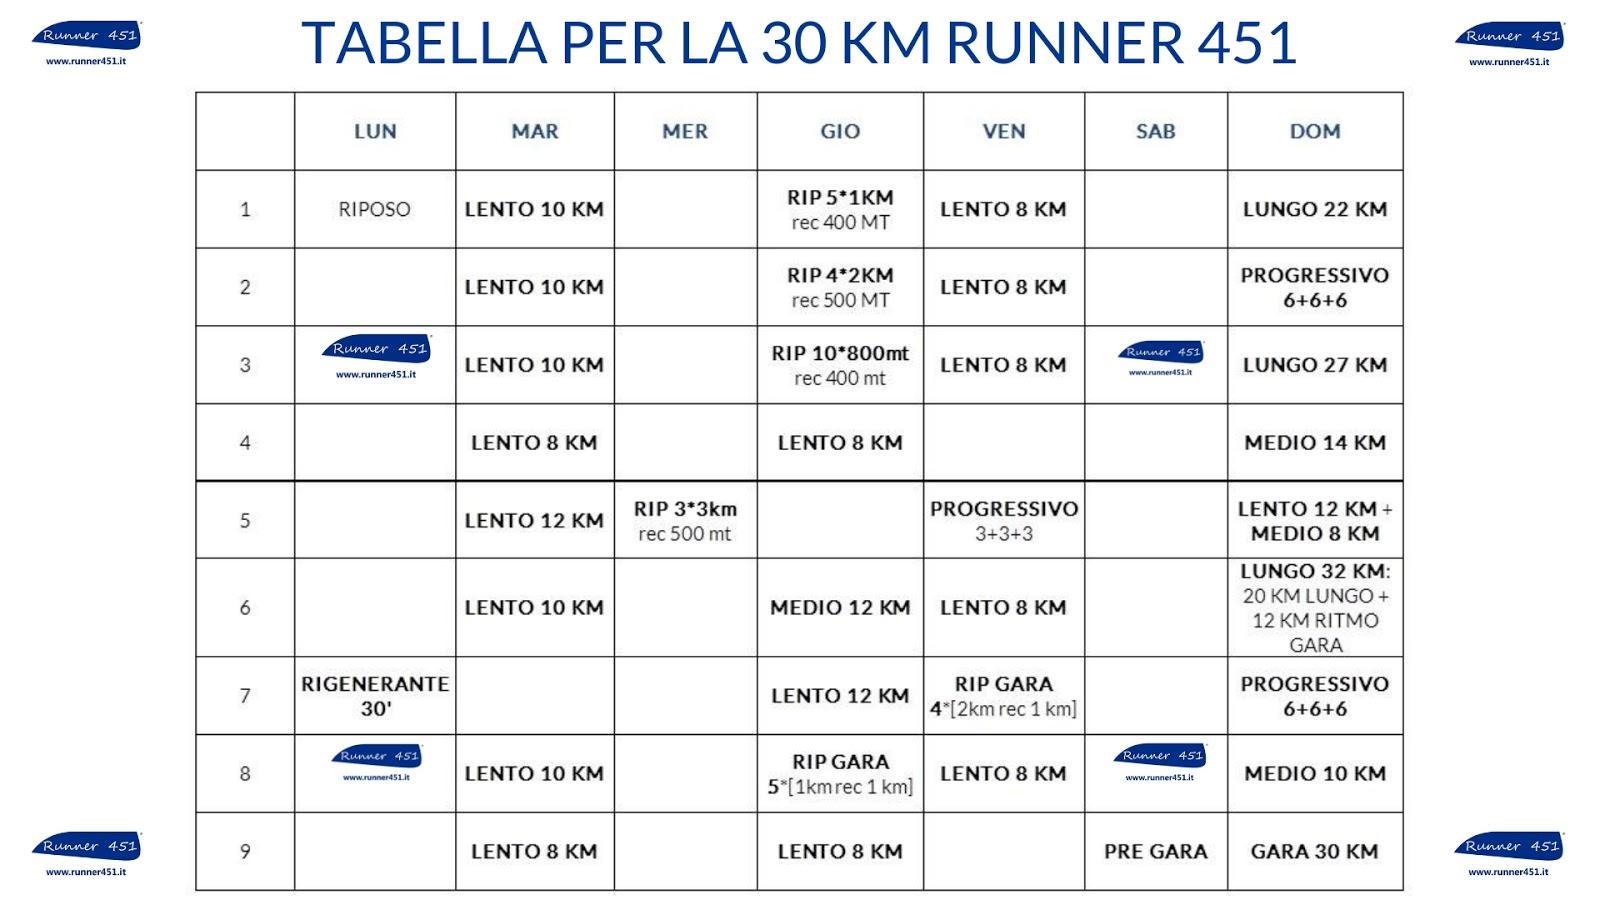 tabella allenamento 30 km running